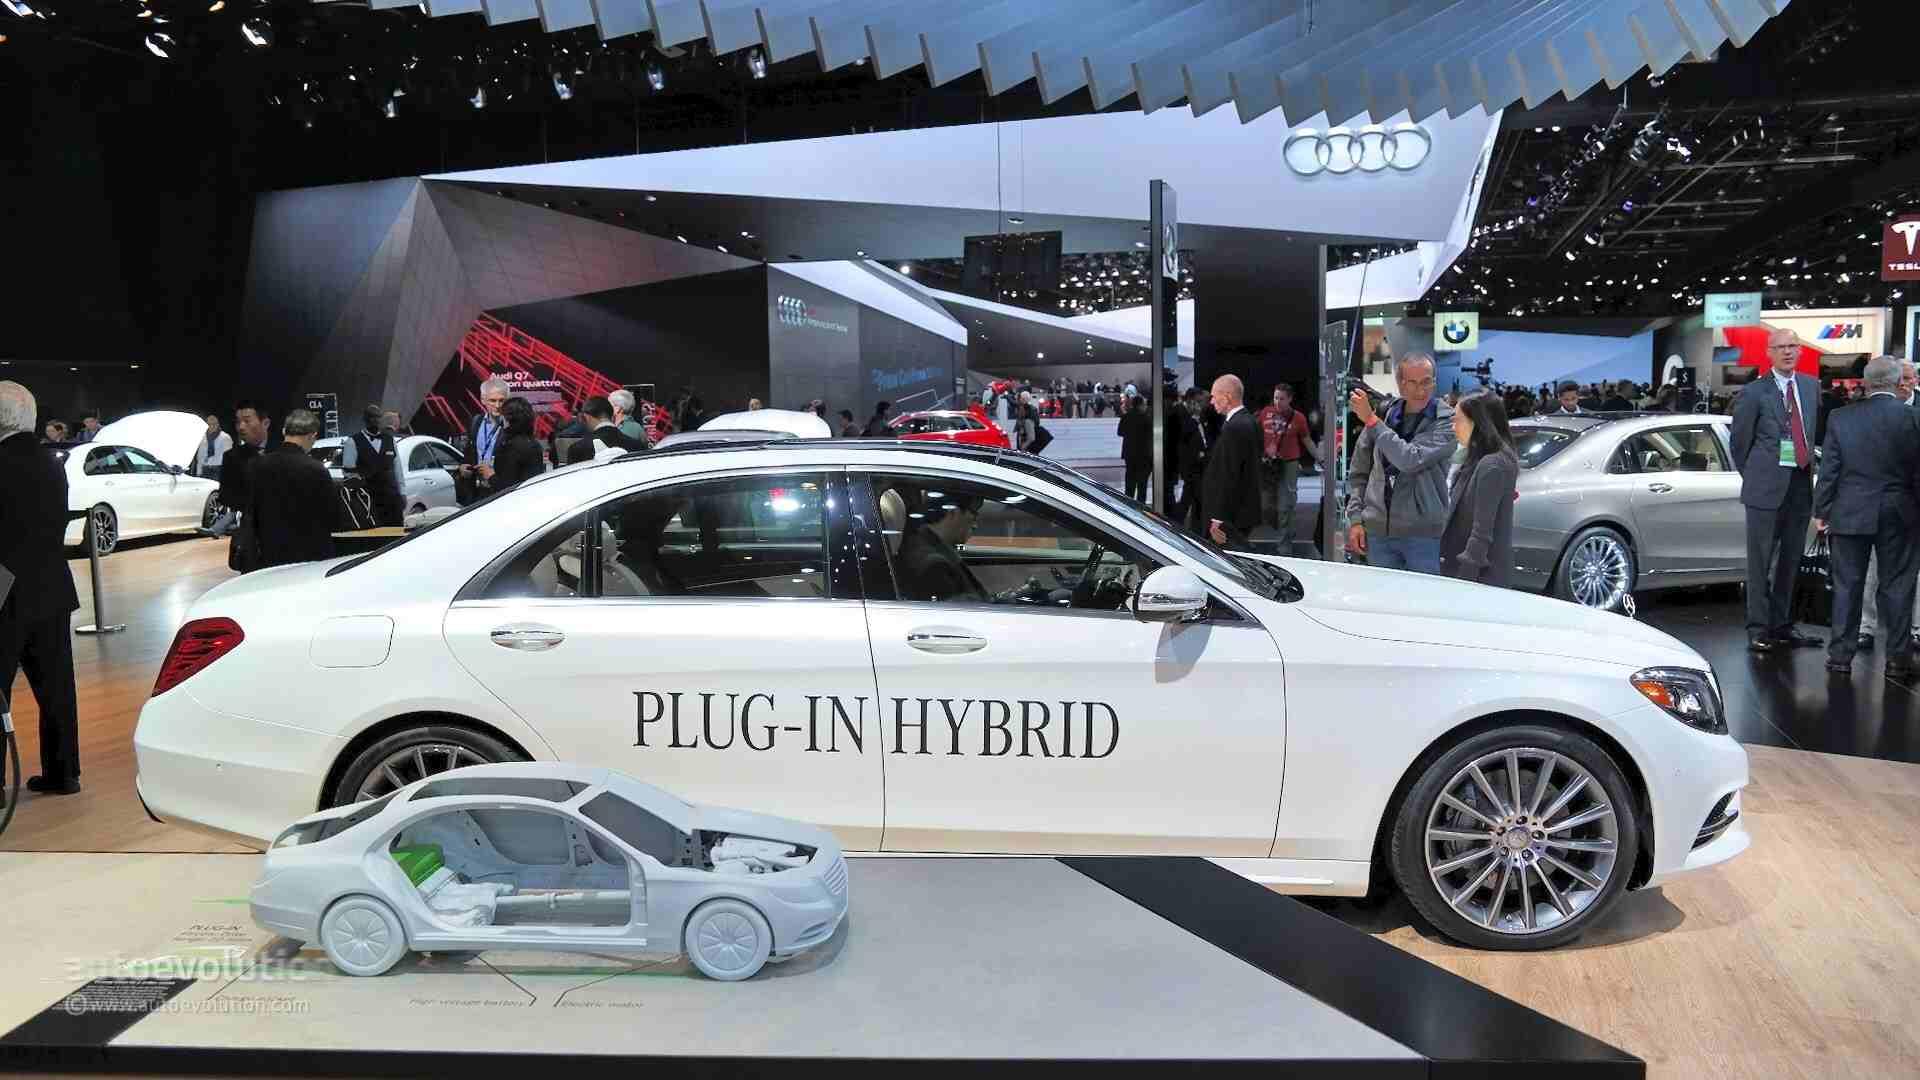 2015 mercedes benz s550 plug in hybrid 15 - S550 Plug In Hybrid